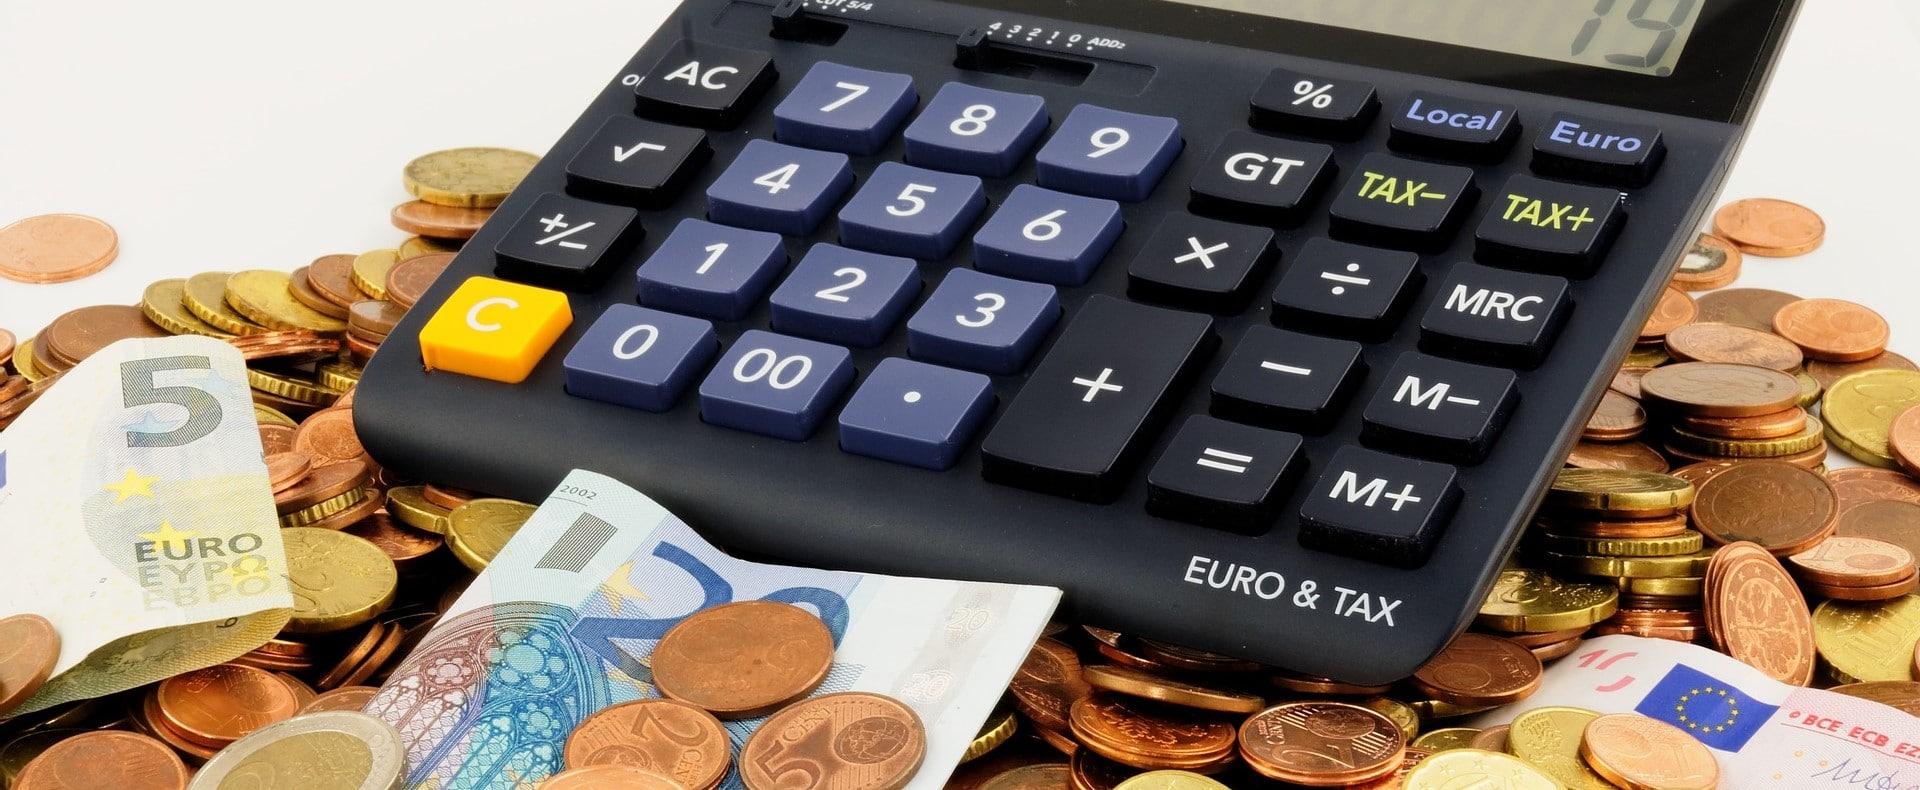 Rechner mit Euro-Münzen